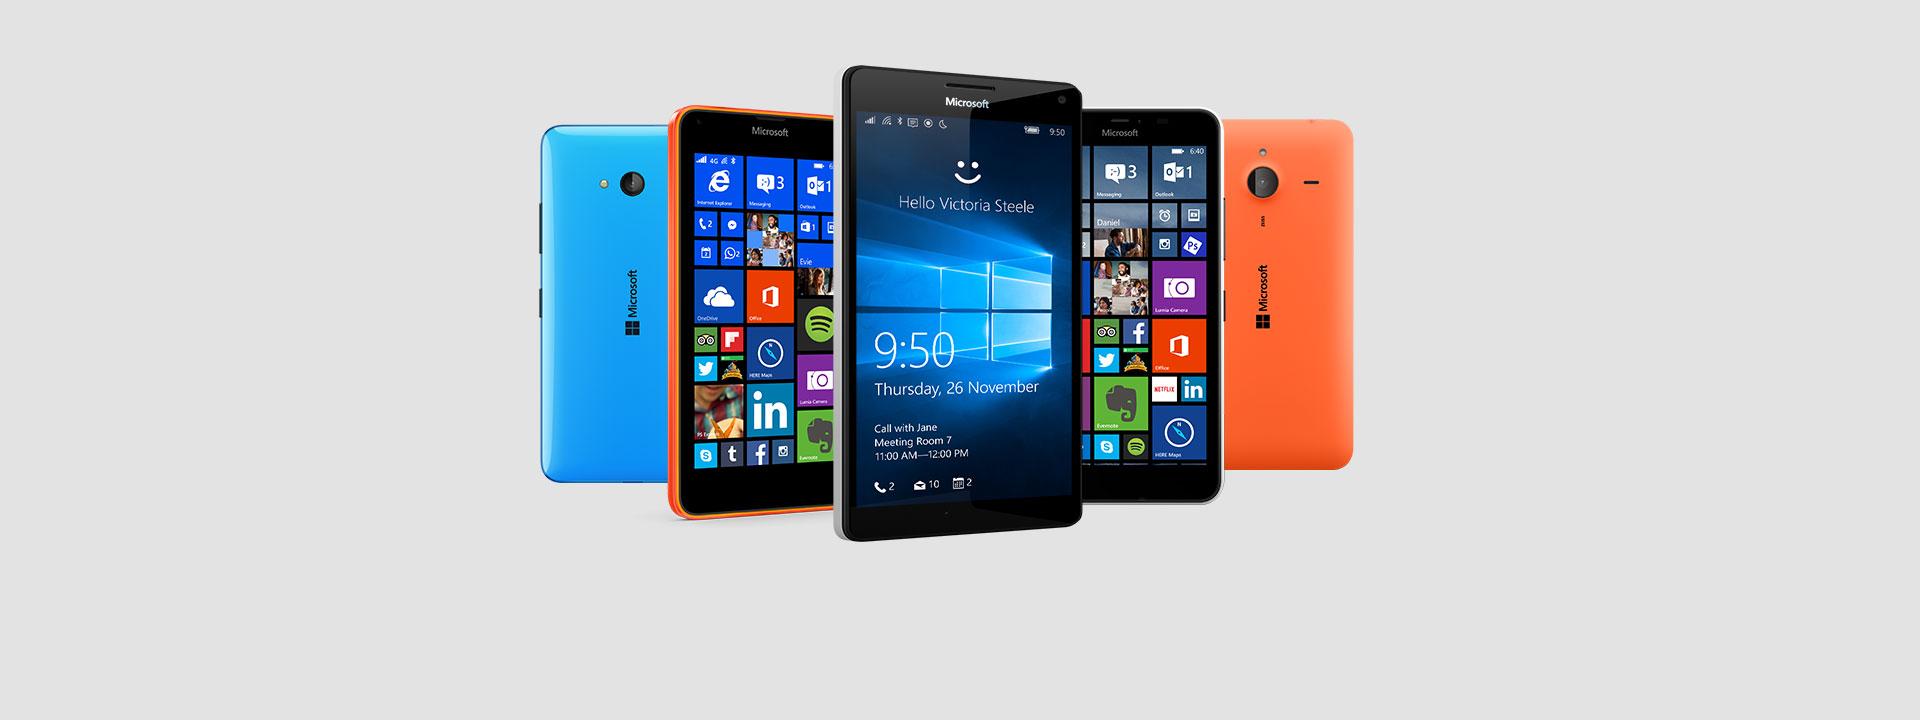 Lumia-telefonok; a tökéletes telefon megkeresése